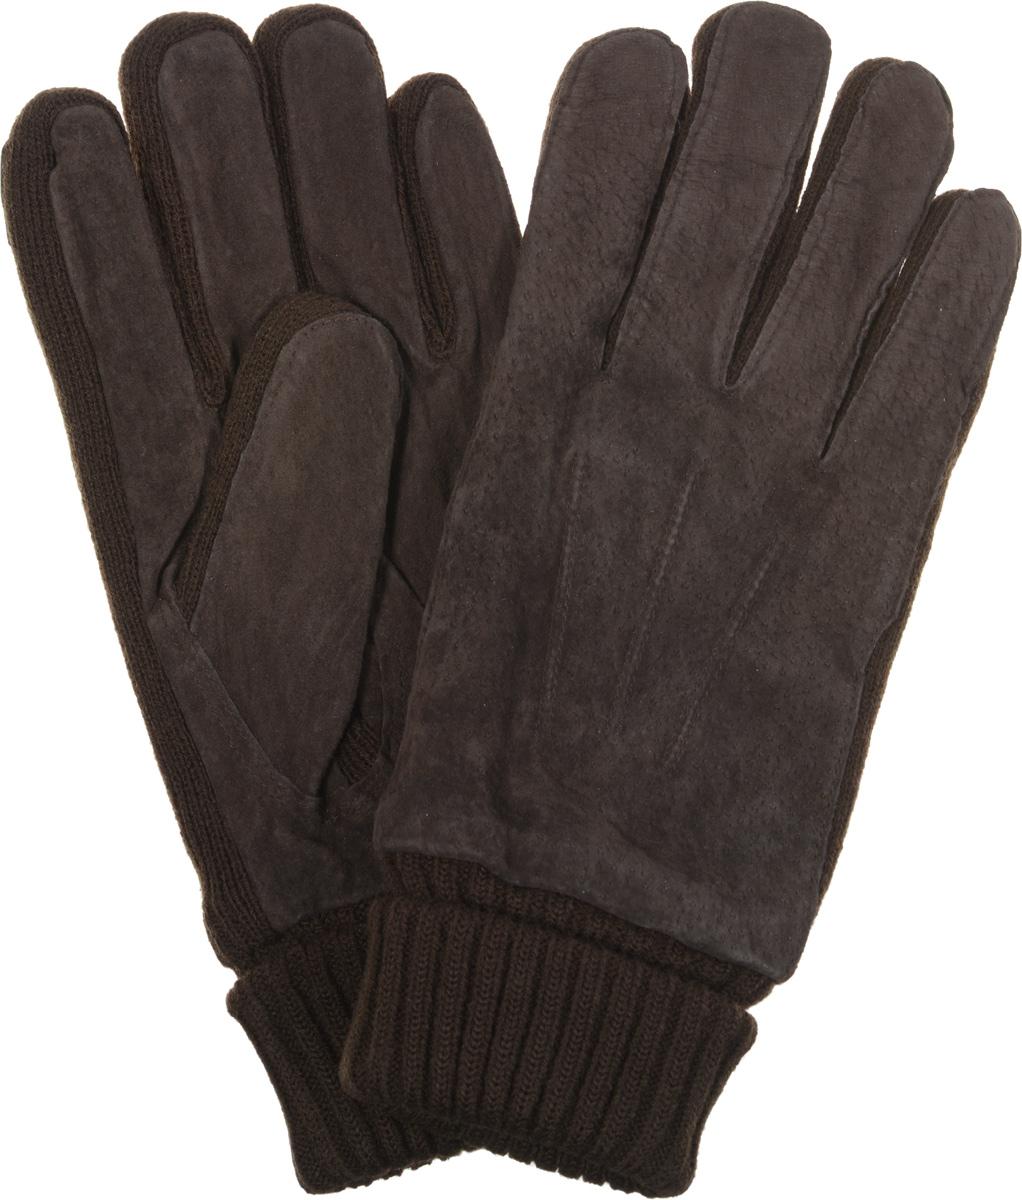 Перчатки мужские Modo Gru, цвет: коричневый. MKH 04.62. Размер S (6,5)MKH 04.62Потрясающие мужские перчатки торговой марки Modo выполнены из чрезвычайно мягкой и приятной на ощупь кожи - велюра в сочетании с трикотажем, а их подкладка - из мягкого флиса. Утеплены современным утеплителем Thinsulate. Лицевая сторона оформлена декоративными швами три луча, а на ладонной стороне модель дополнена стягивающей резинкой. Великолепные мужские перчатки Modo не только согреют руки, но и дополнят ваш образ в качестве эффектного аксессуара.